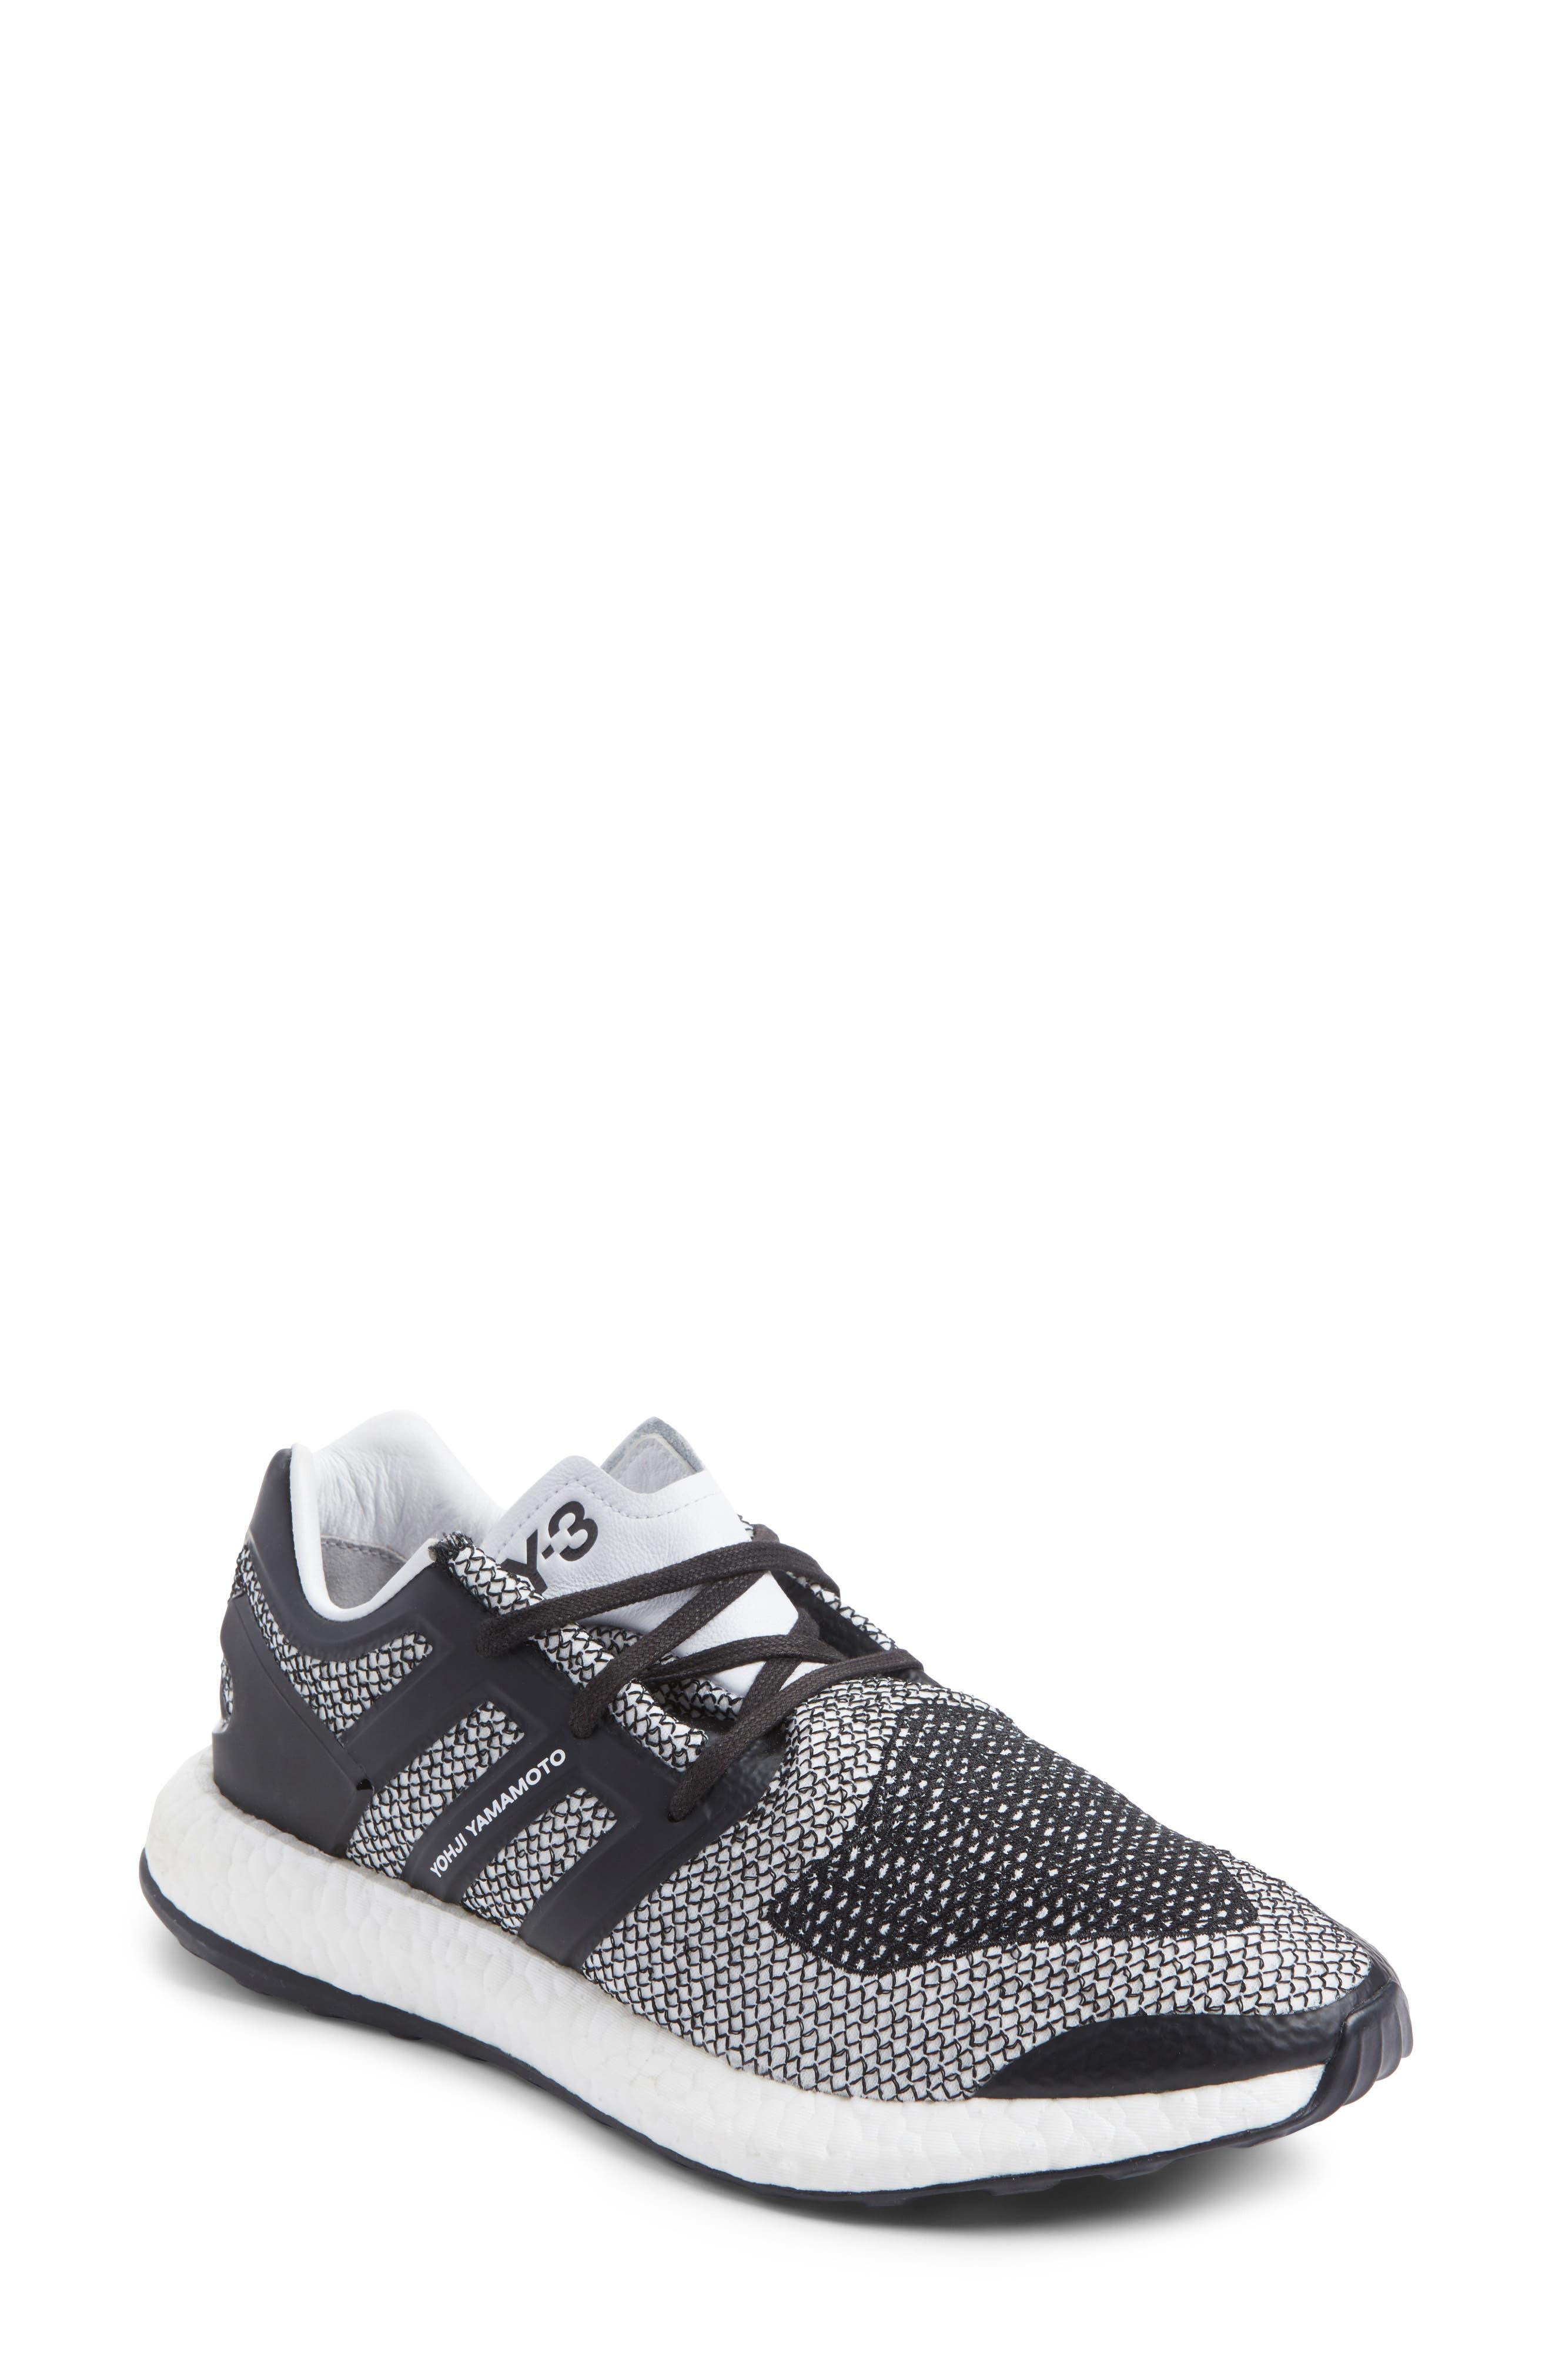 Y-3 Pureboost Sneaker (Women)